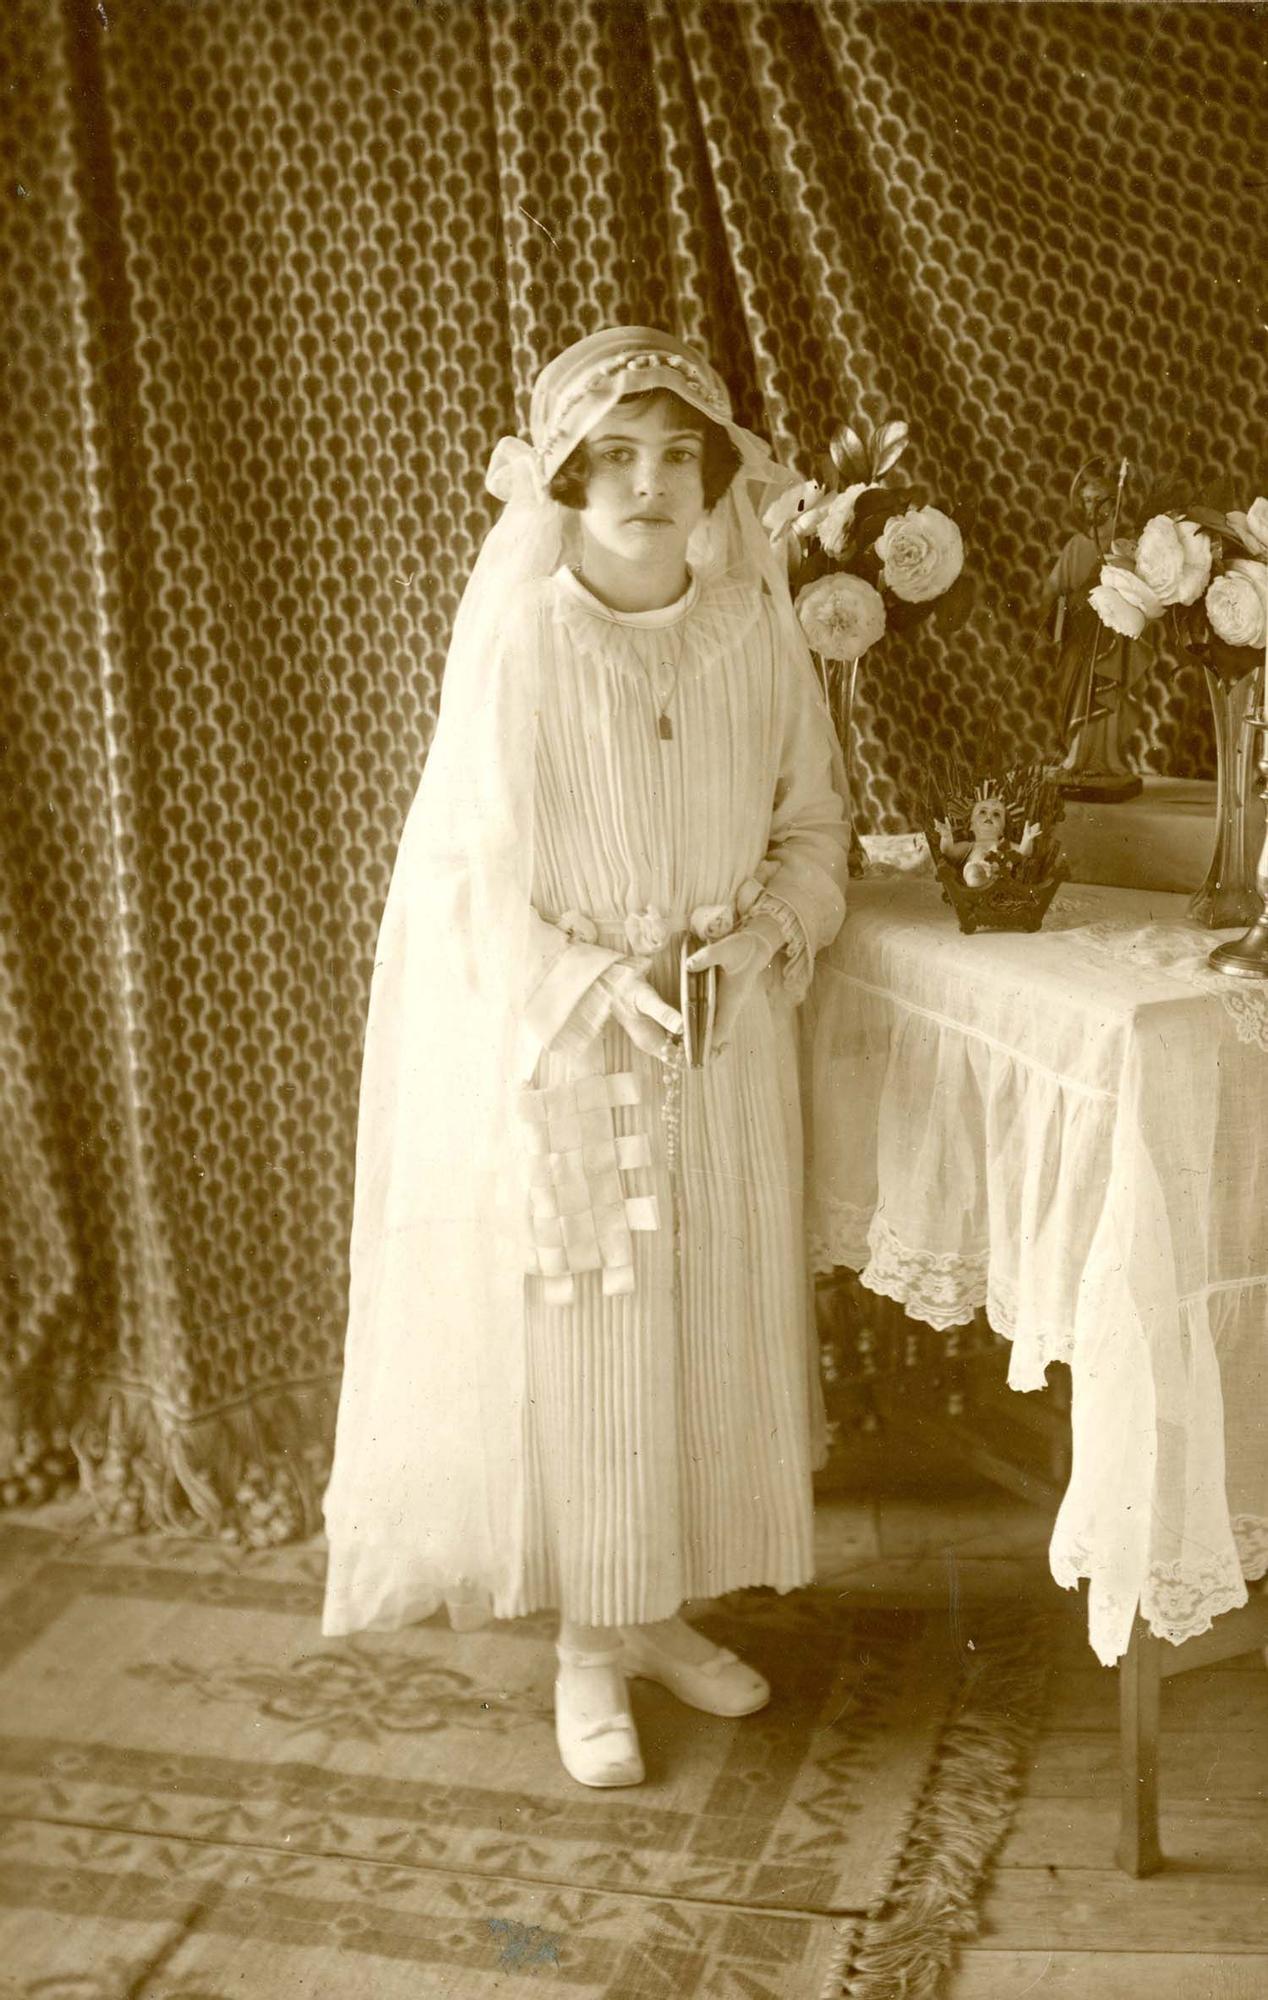 Foto Gómez (Luarca). Retrato de Teresita vestida de Primera Comunión | Donación de Pedro Pardo